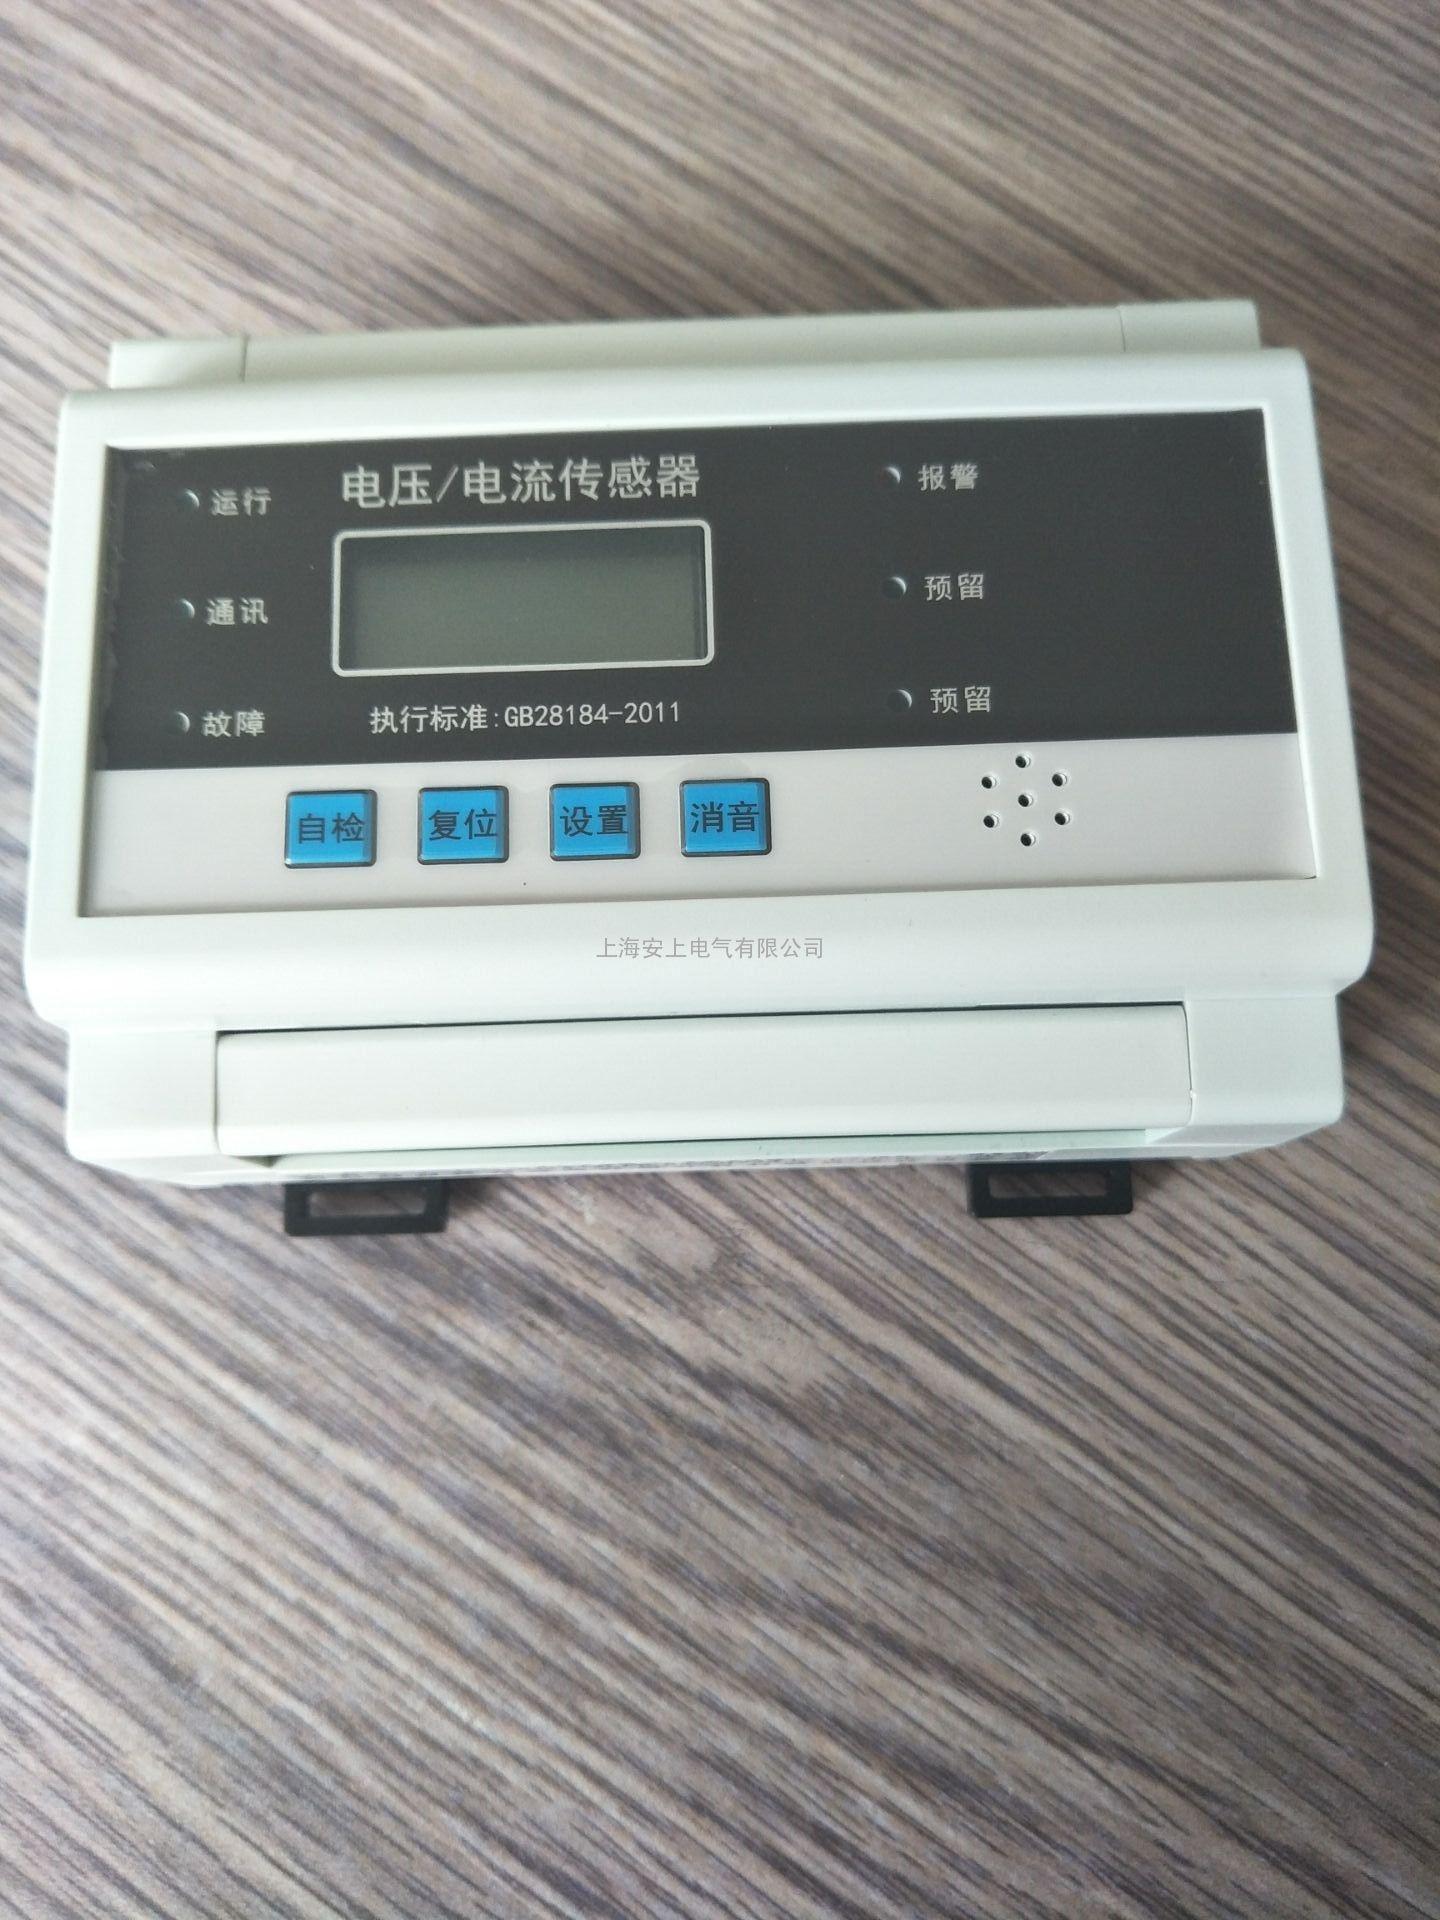 消防设备电源监控系统图 消防电源监控模块 电流电压传感器价格